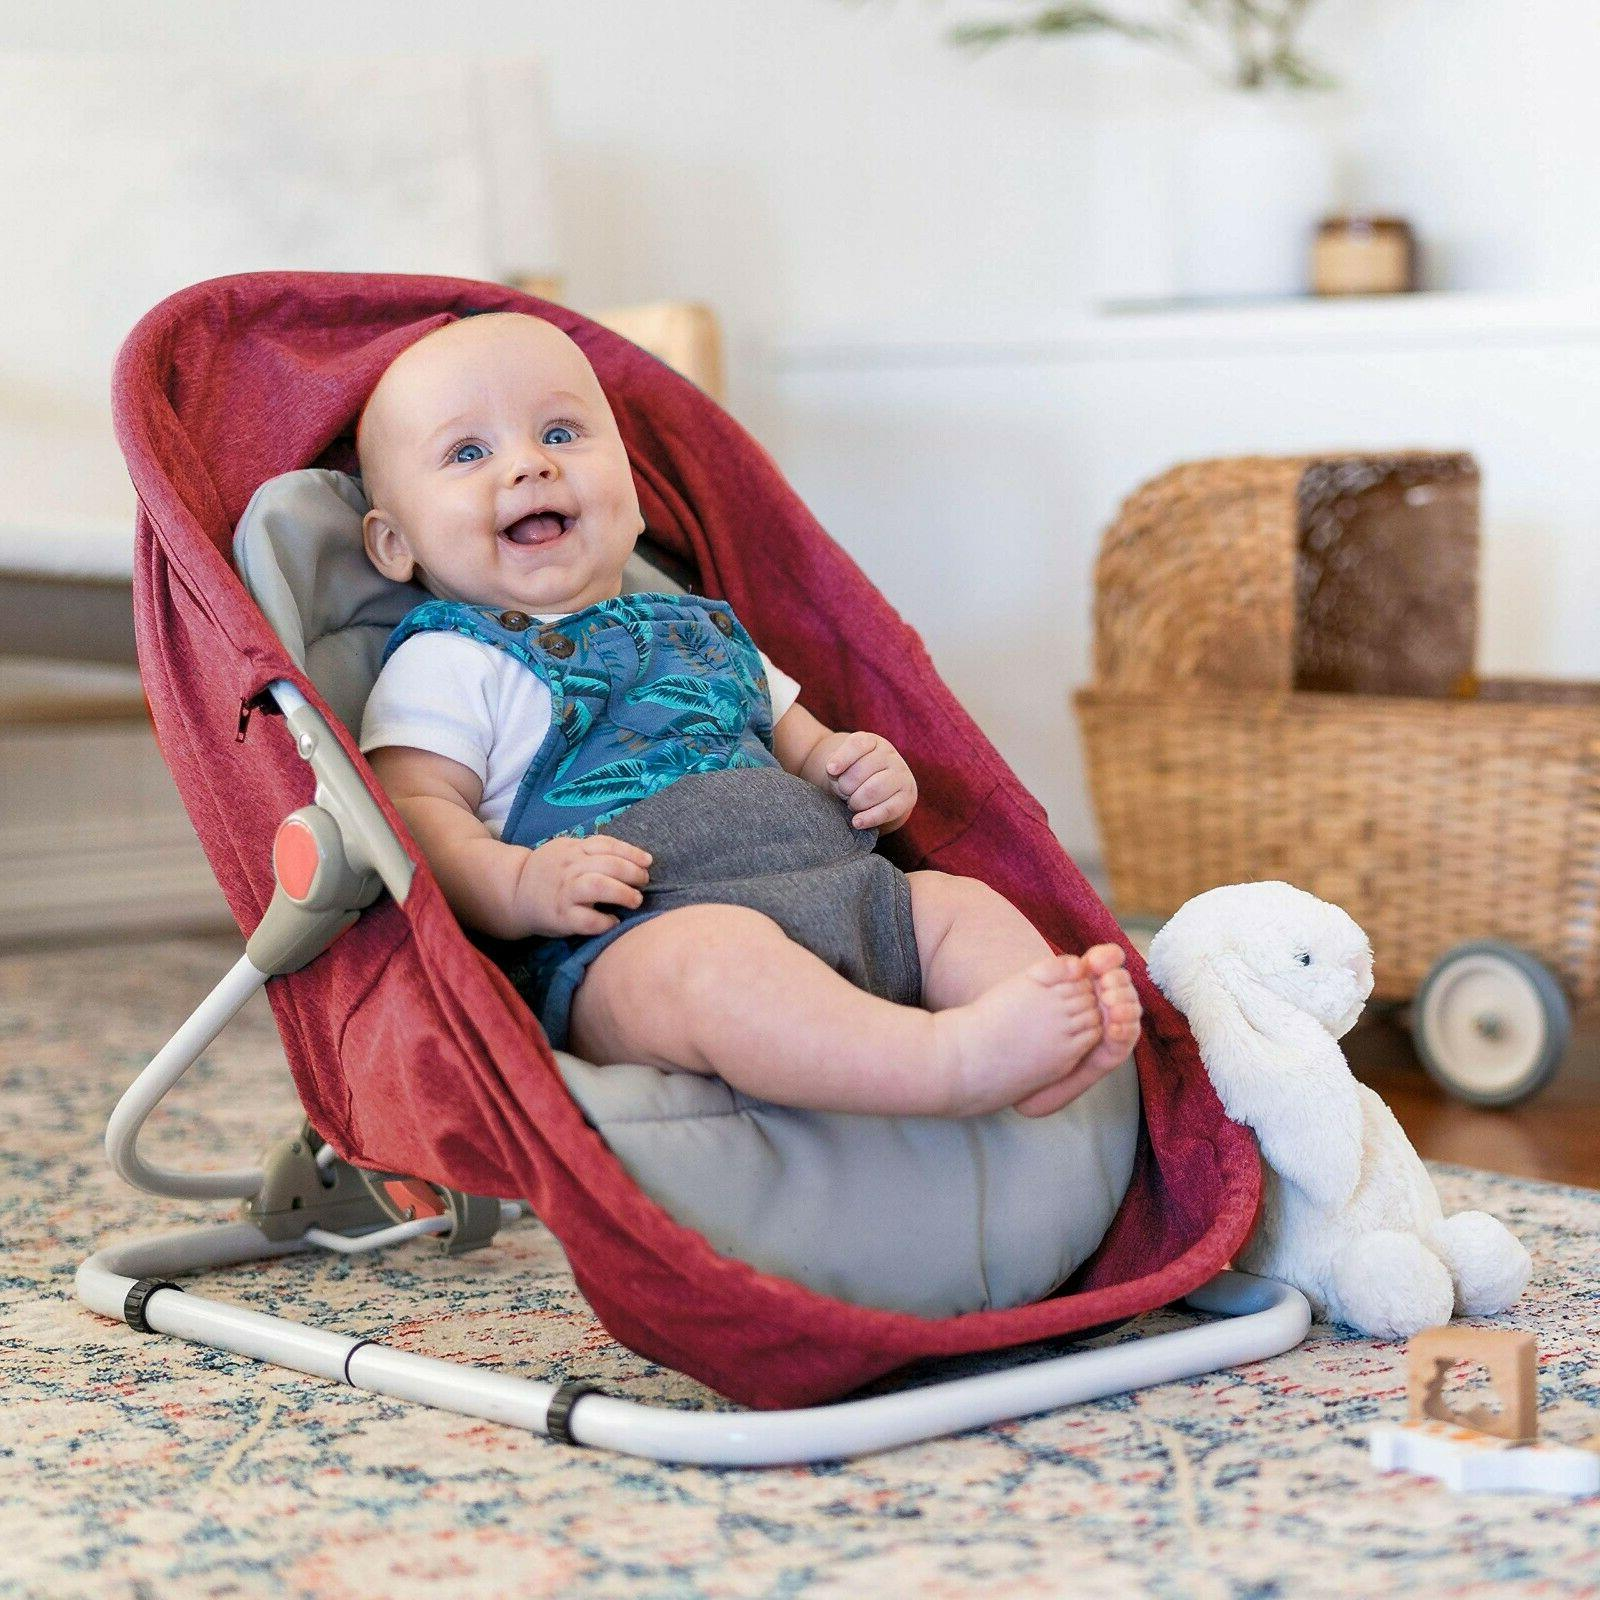 Bouncer Cradle Bed for Infants, Newborns Bassinet